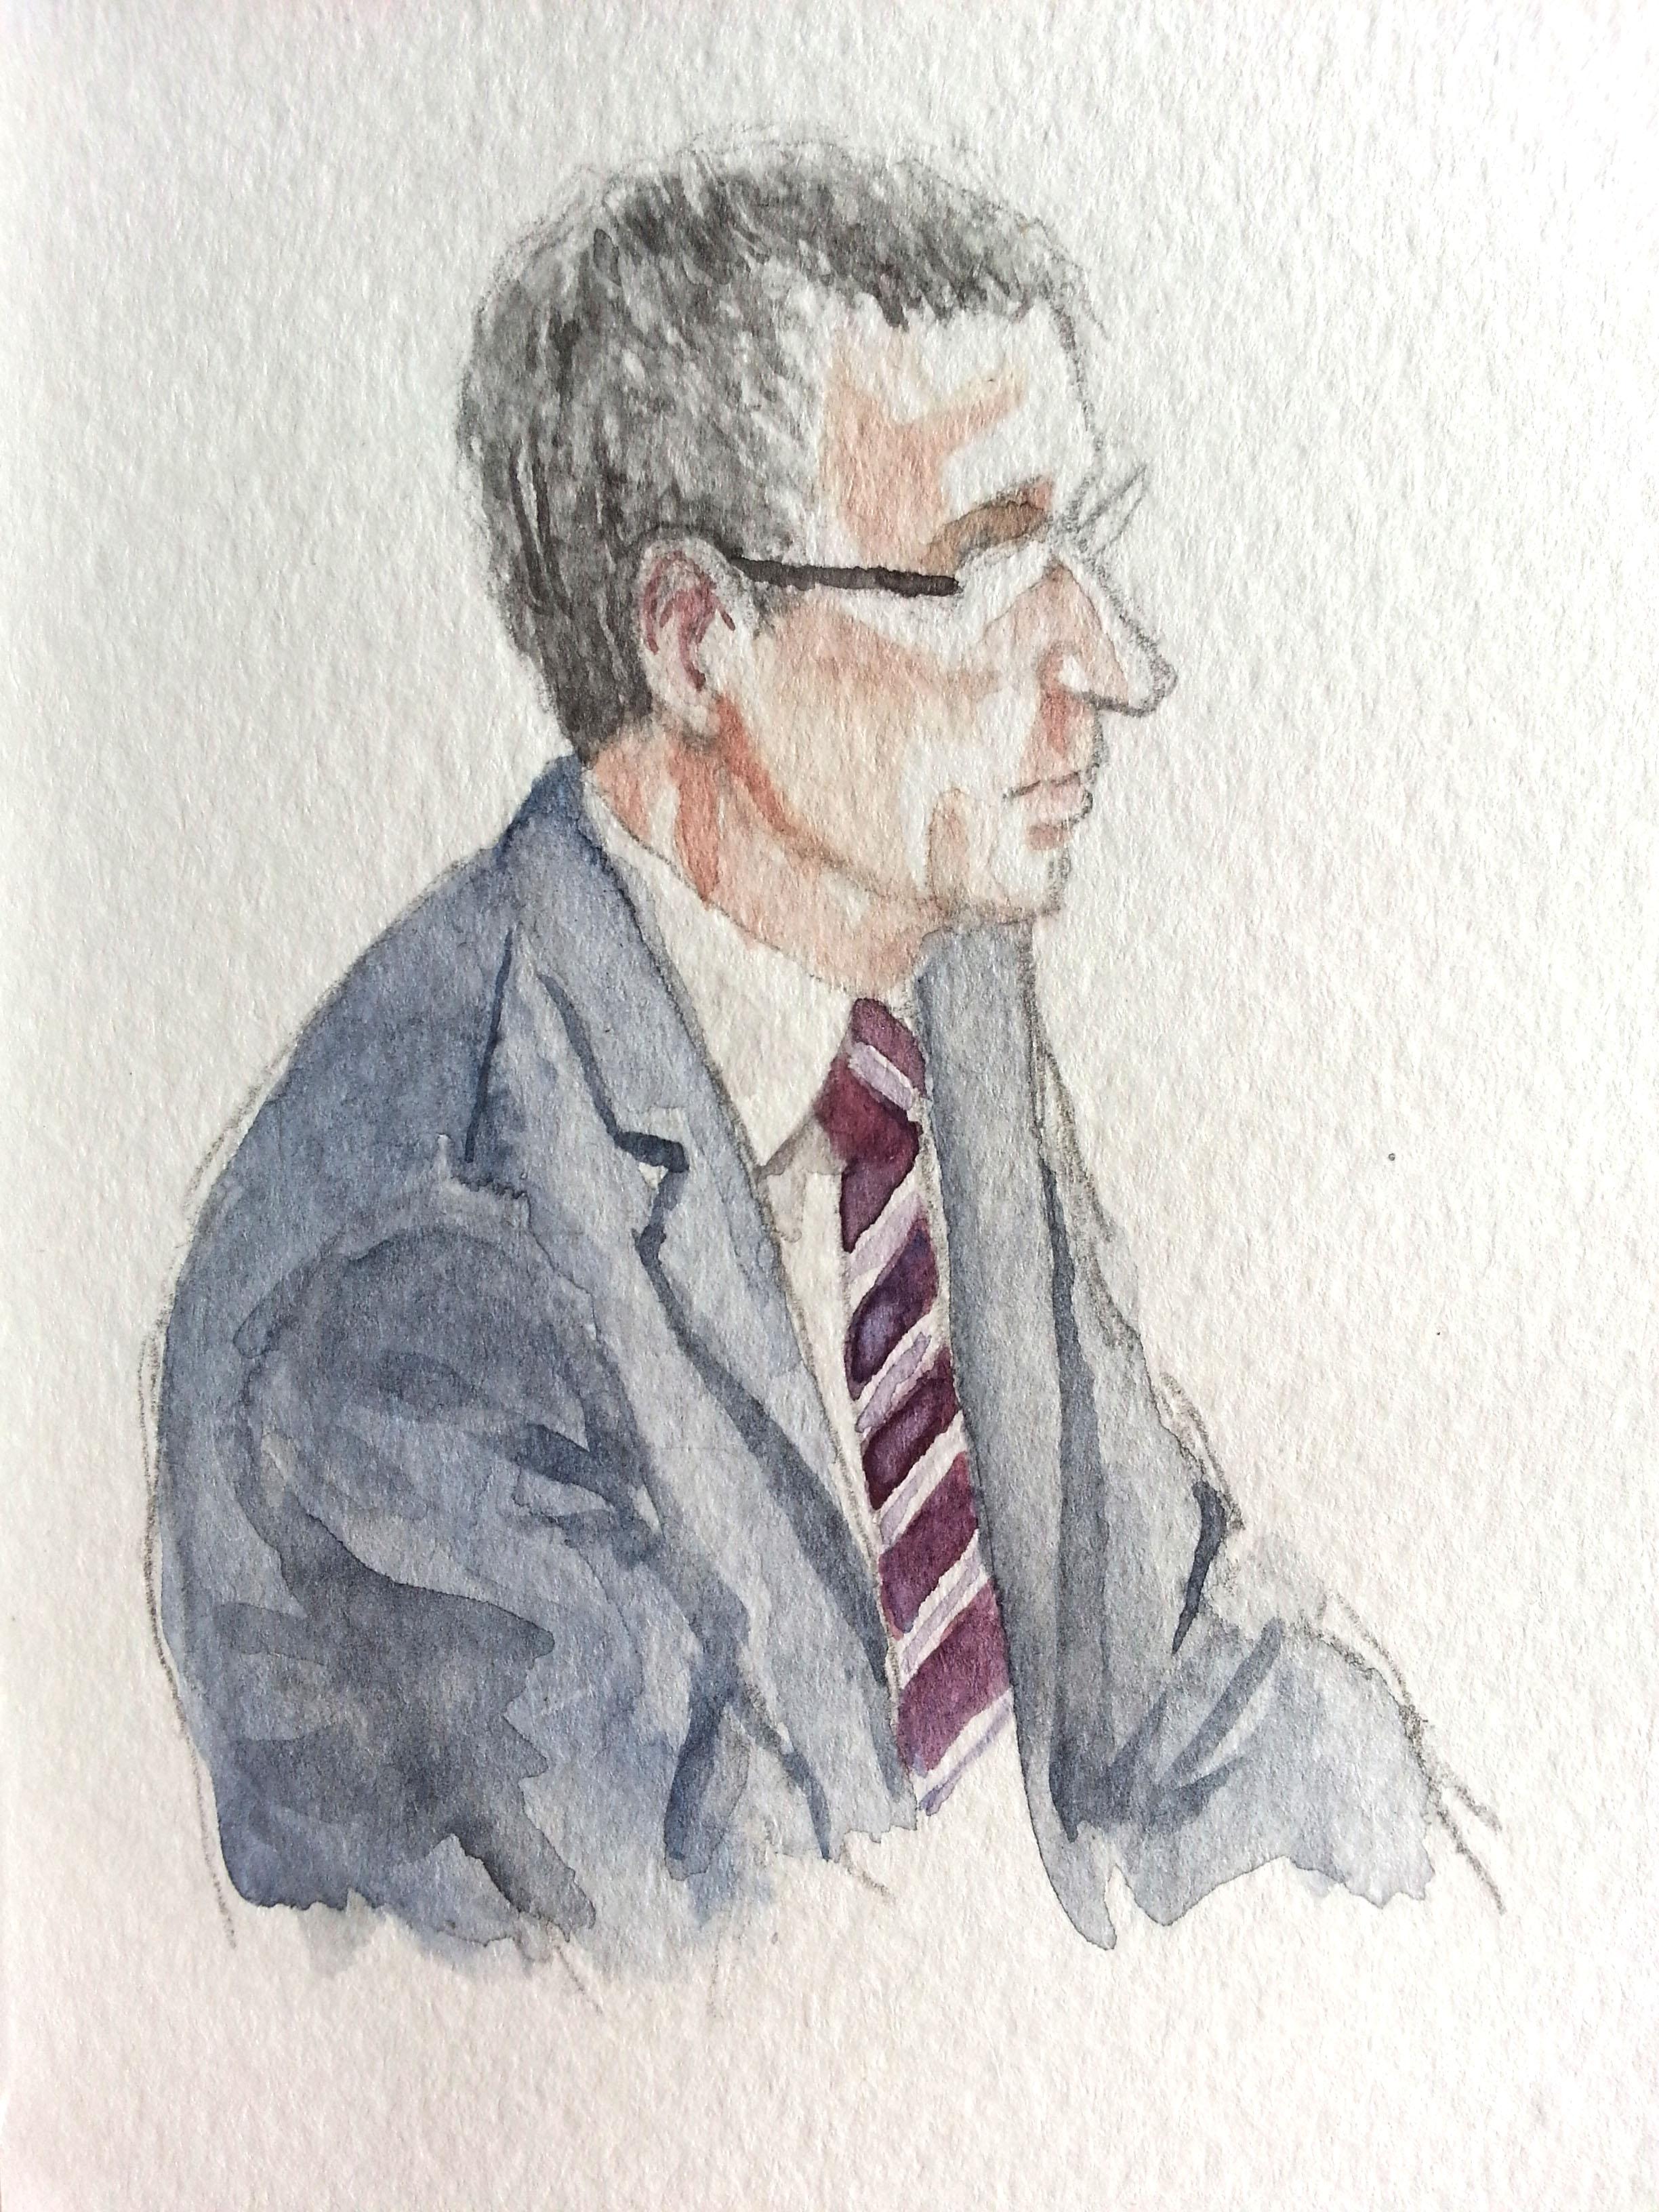 Zeuge Andreas Könen während seiner Aussage. Zeichnung: Stella Schiffczyk. Lizenz: nicht frei.